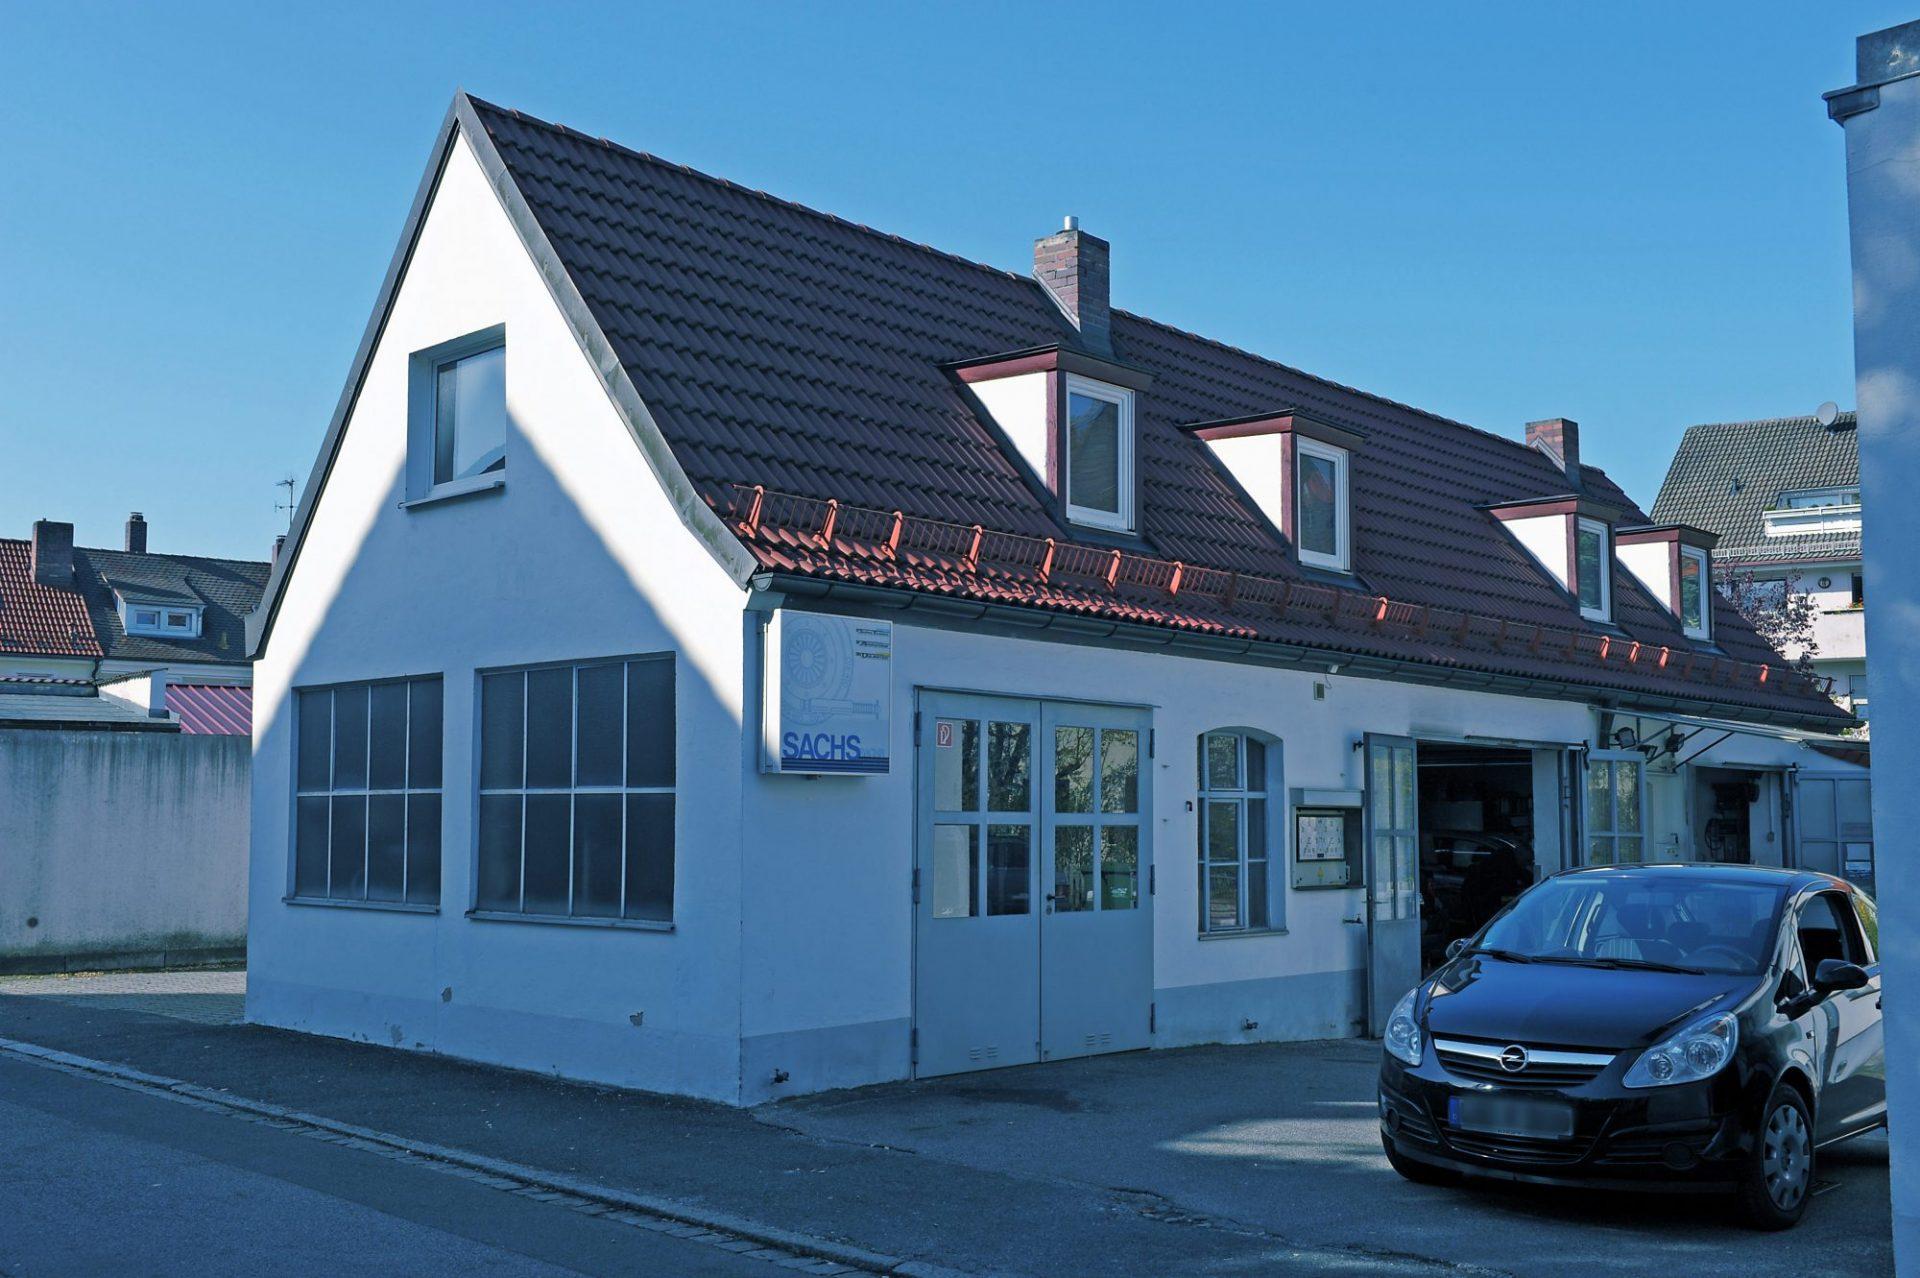 Werkstattgebäude von Auto Sluka, Röthenbach an der Pegnitz, Nürnberger Land